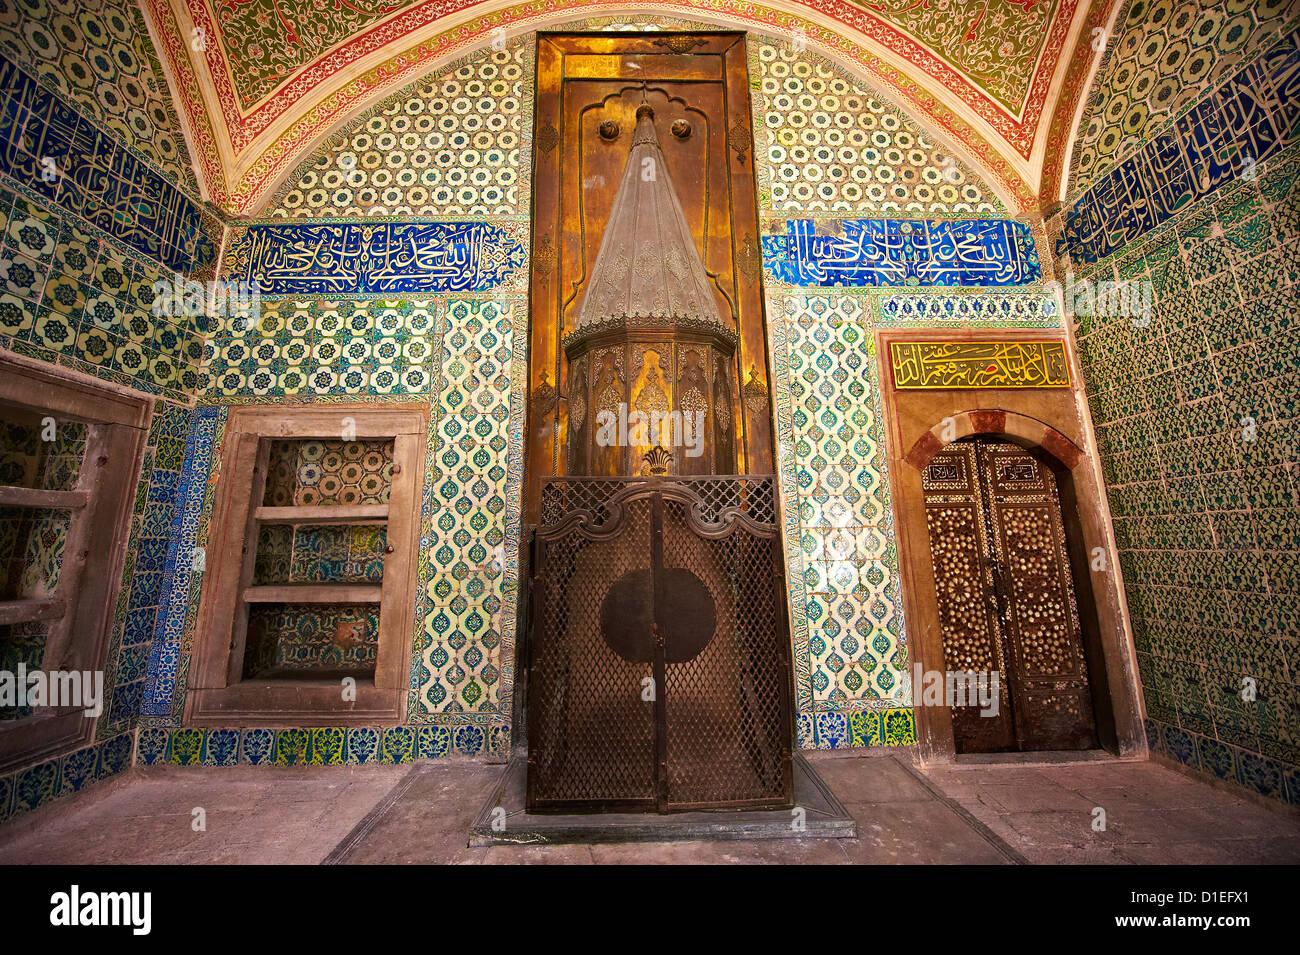 Habitación de azulejos y arquitectura Otomana del harén. El Palacio de Topkapi, Estambul, Turquía Foto de stock